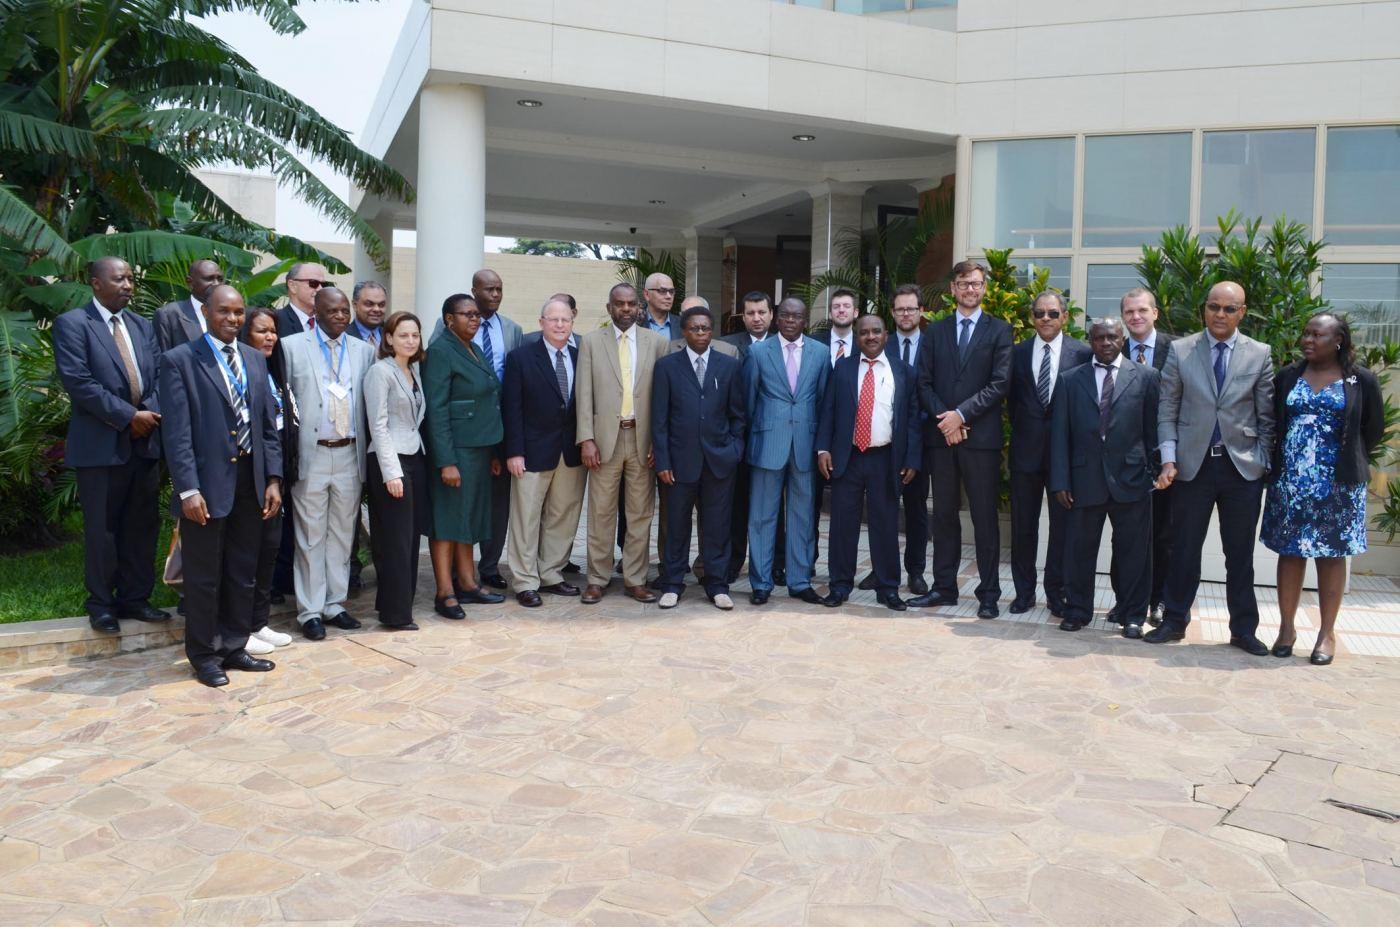 Les représentants des 10 pays cités et les partenaires du projet EAPP ©Iwacu